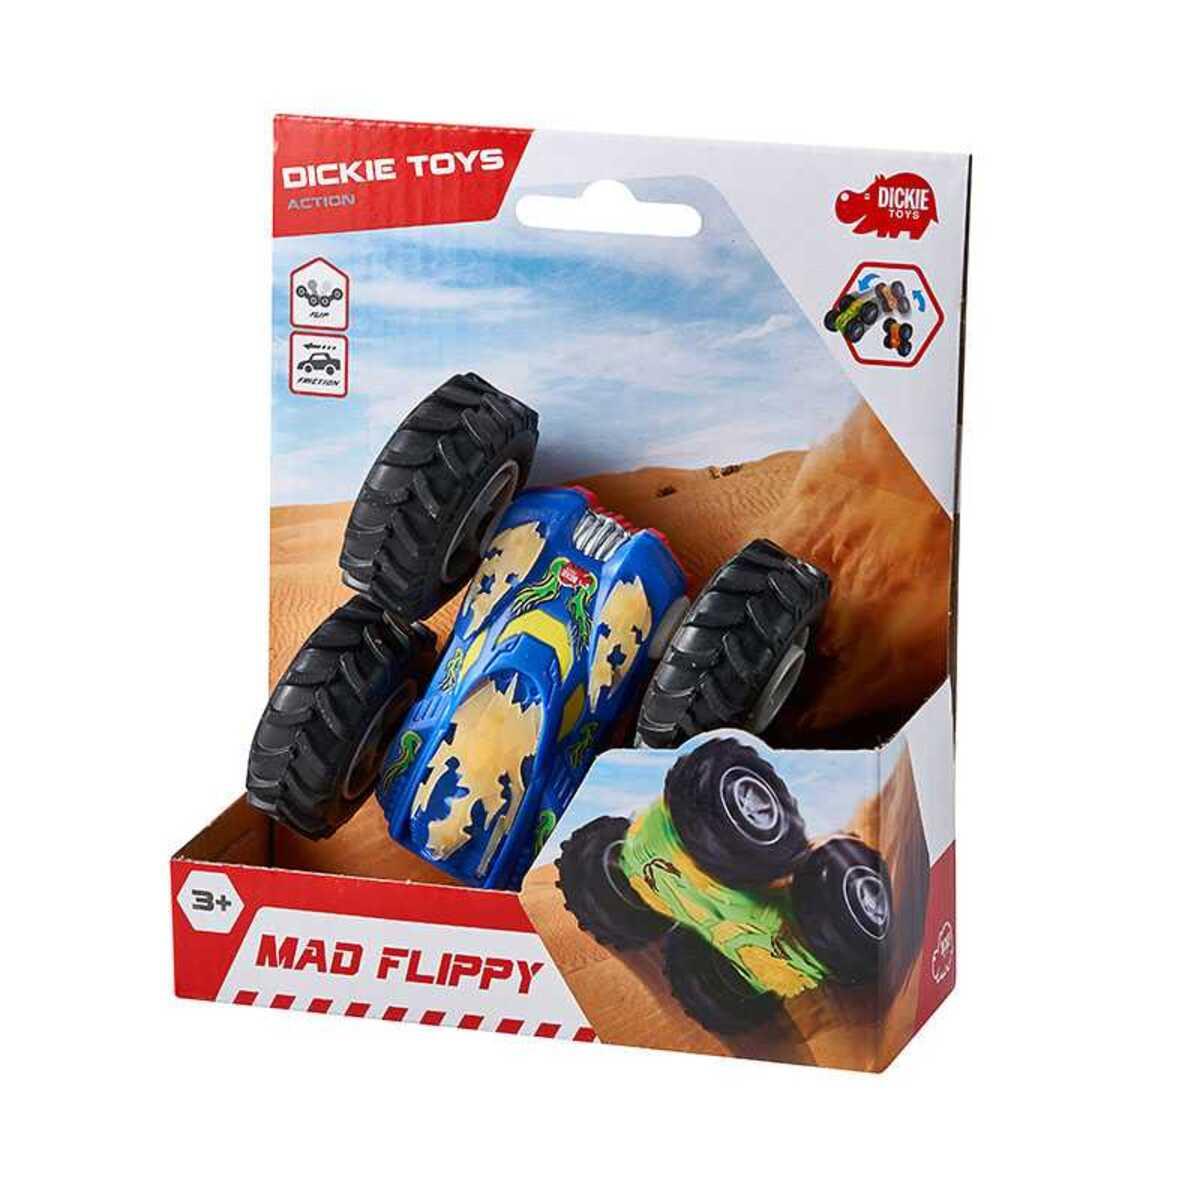 """Bild 1 von Dickie Toys """"Crazy Flippy"""" Spielzeugauto, verschiedene Farben"""